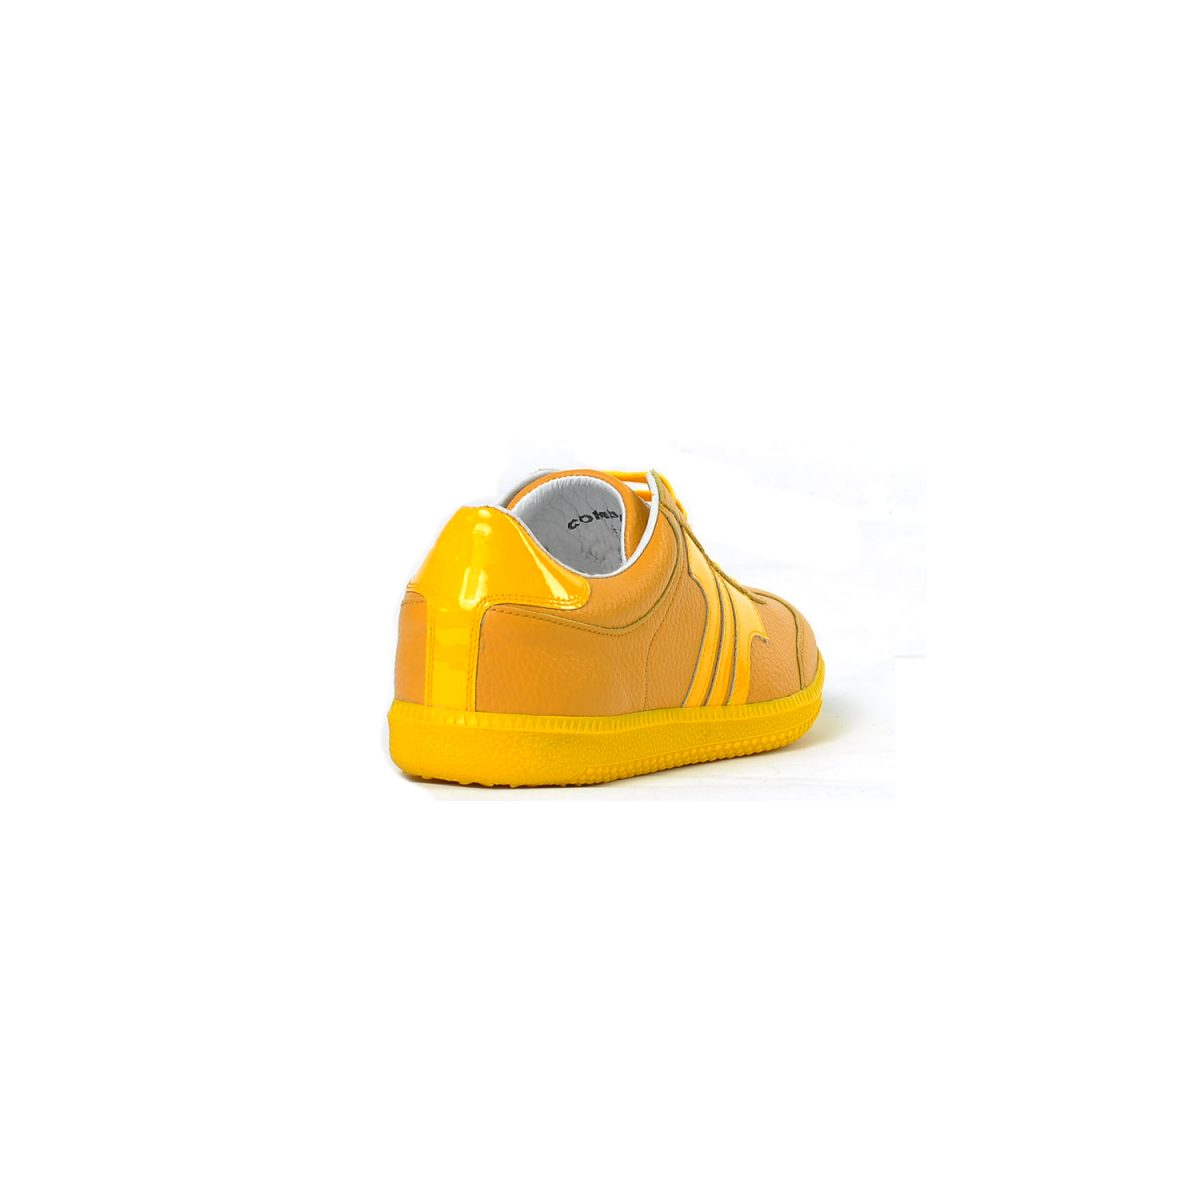 Tisza cipő - Compakt - Sárga-lakk